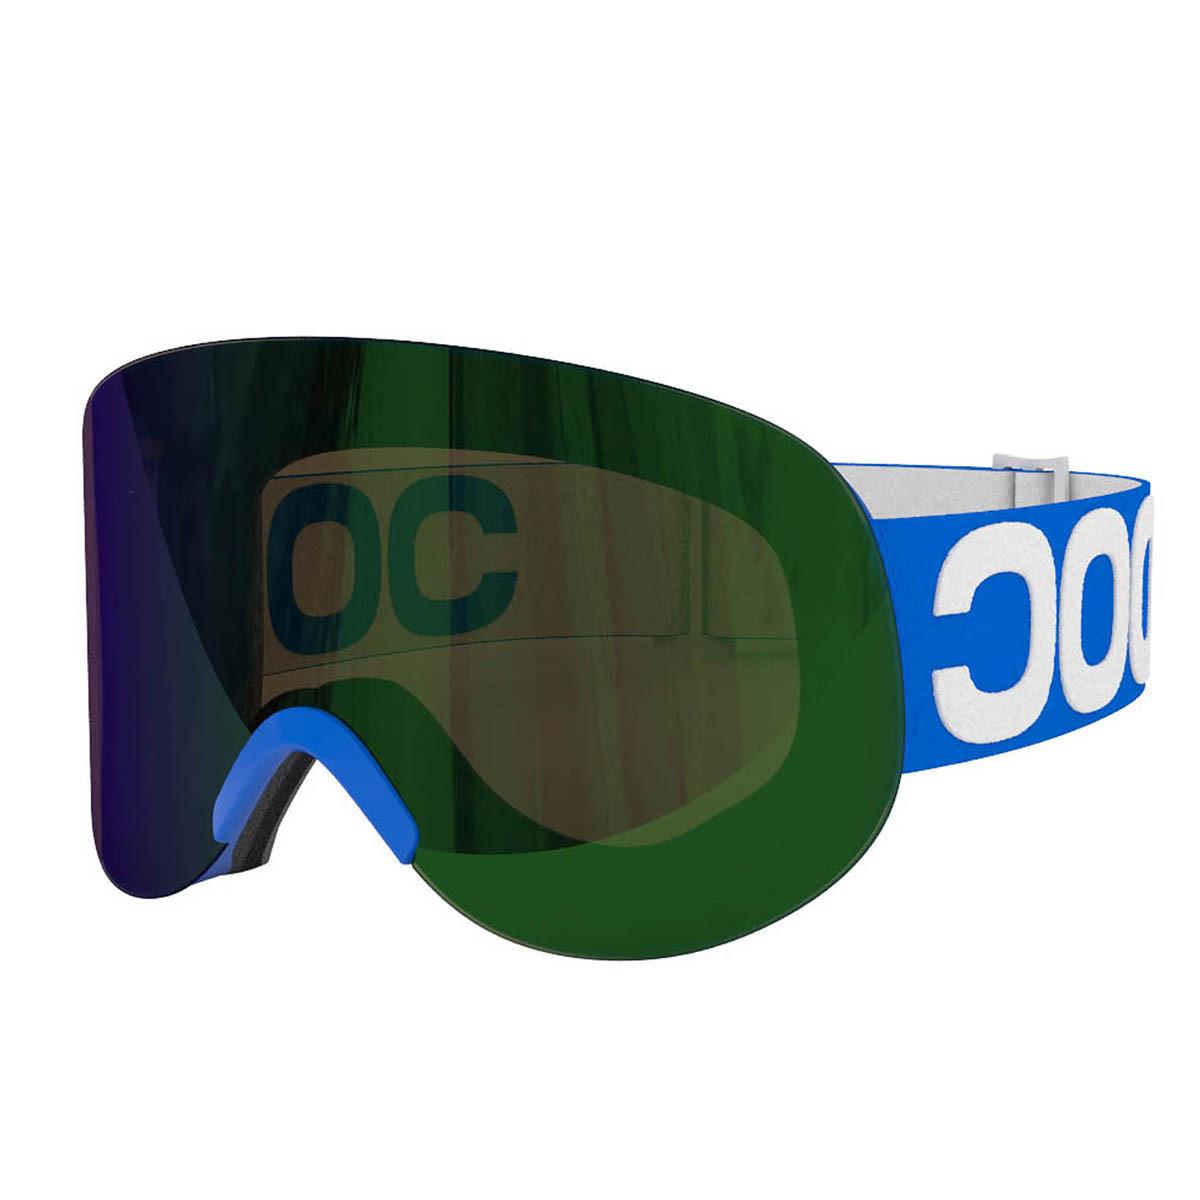 Lid Masque Ski Unisexe